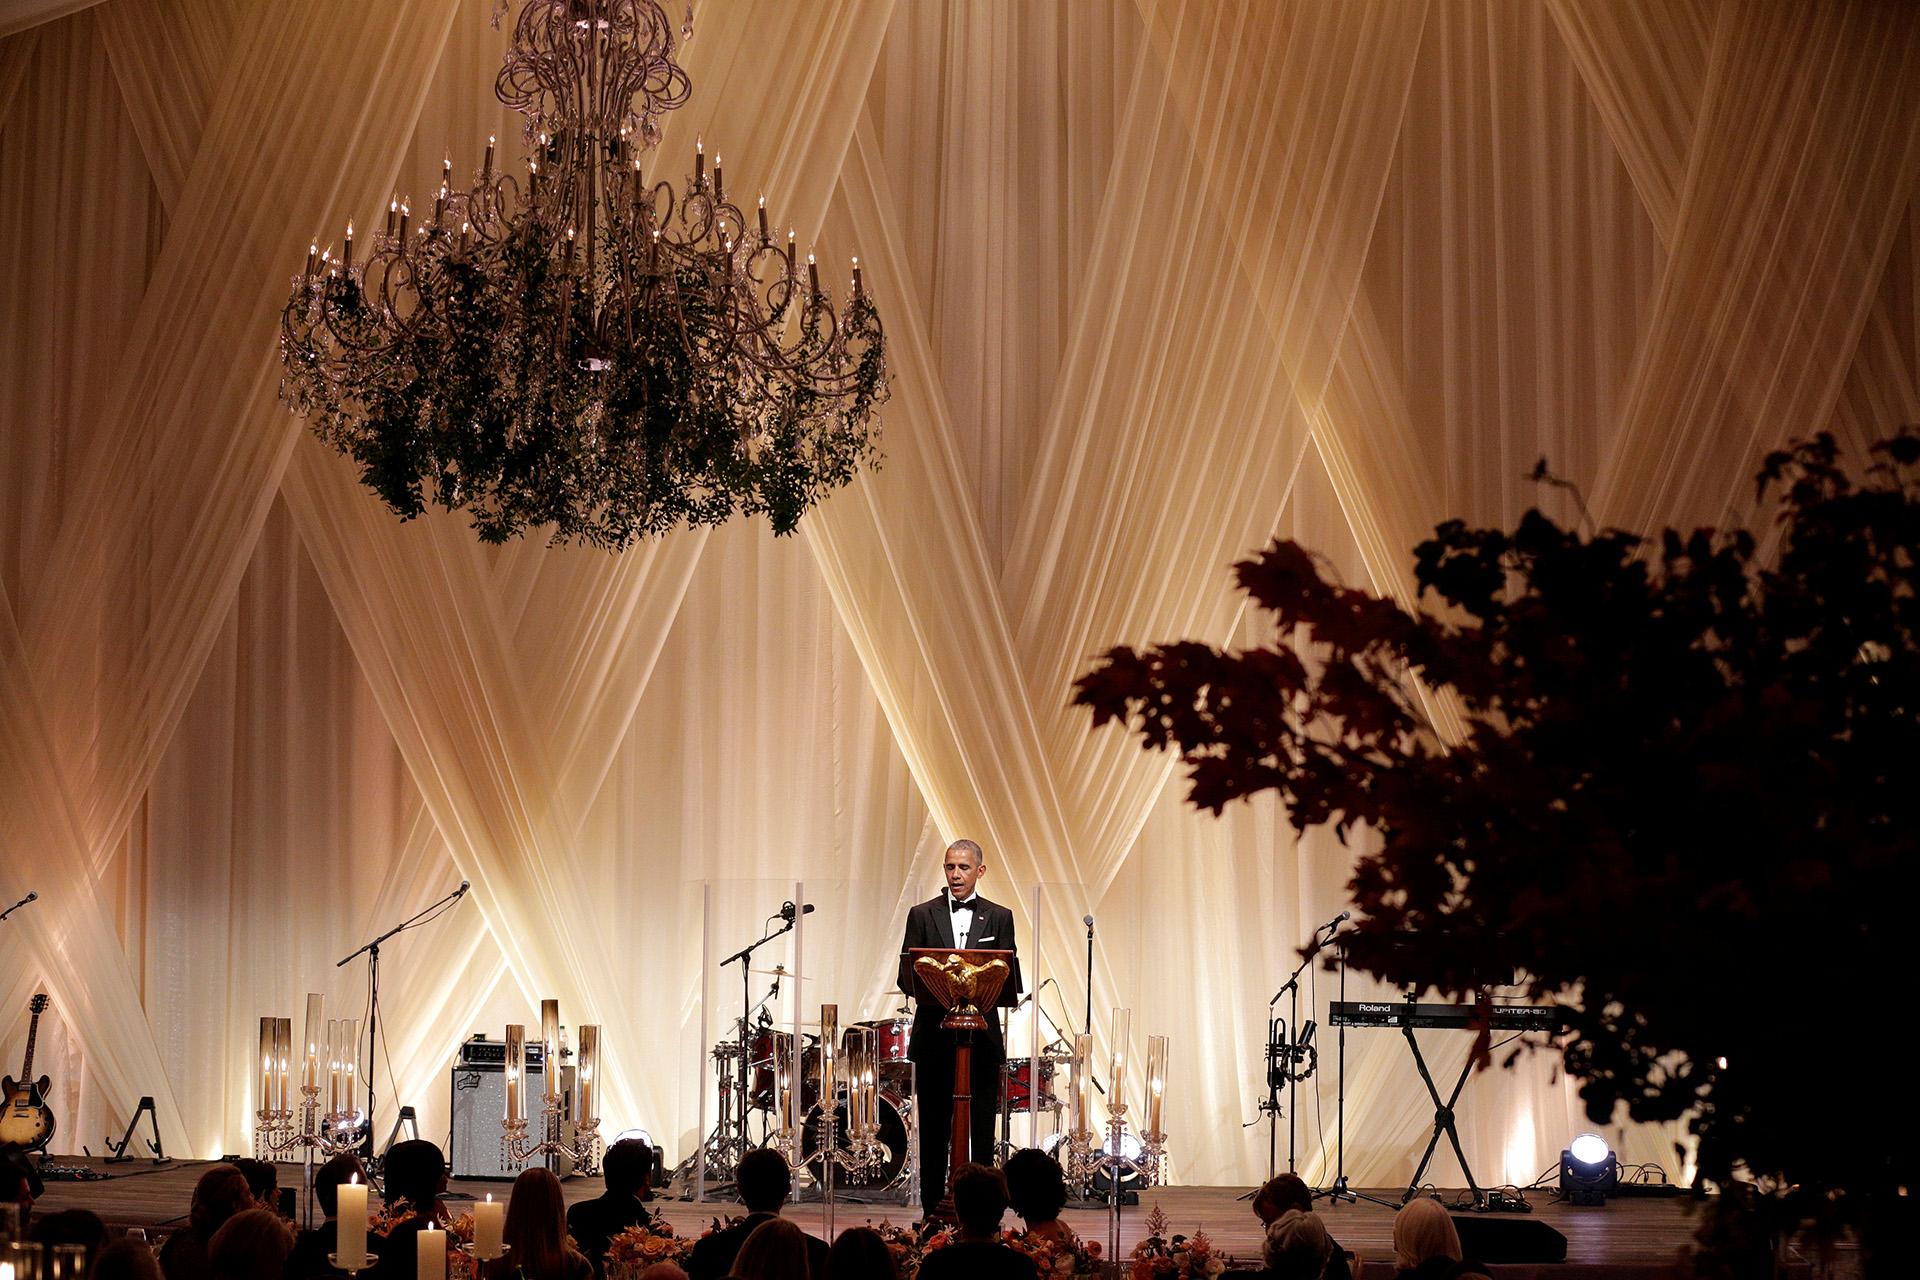 """""""Nos divertimos tanto la última vez"""", indicó Obama sobre la asistencia de Donald Trump a la gala de 2011. Asimismo, se preguntó por qué Trump no habría asistido este año. """"Está la sala llena de periodistas, celebridades y cámaras, y dice que no"""""""